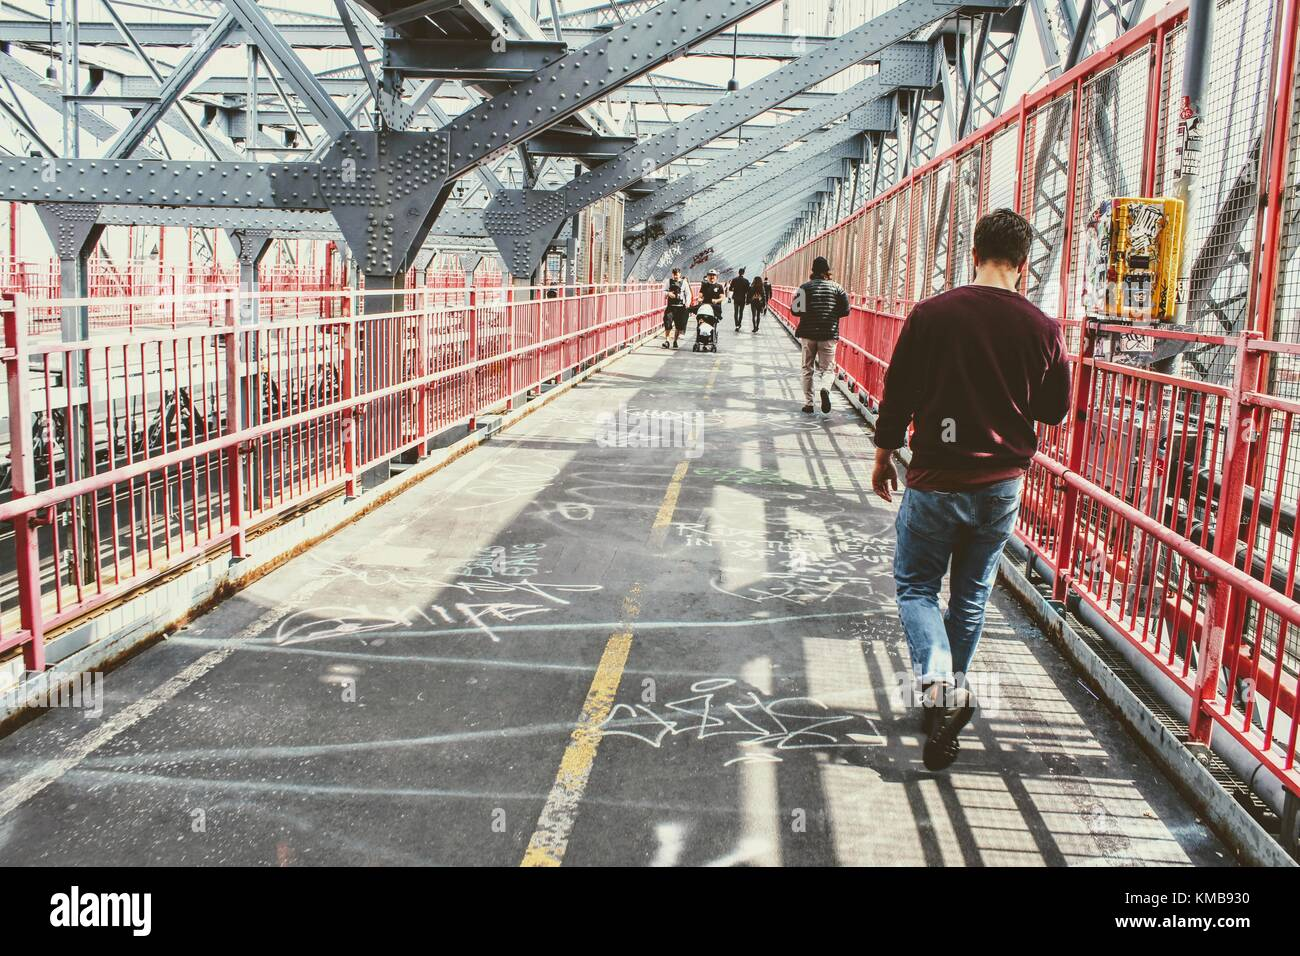 New York, aprile 2017. Domenica a piedi sul ponte di Williamsburg Immagini Stock